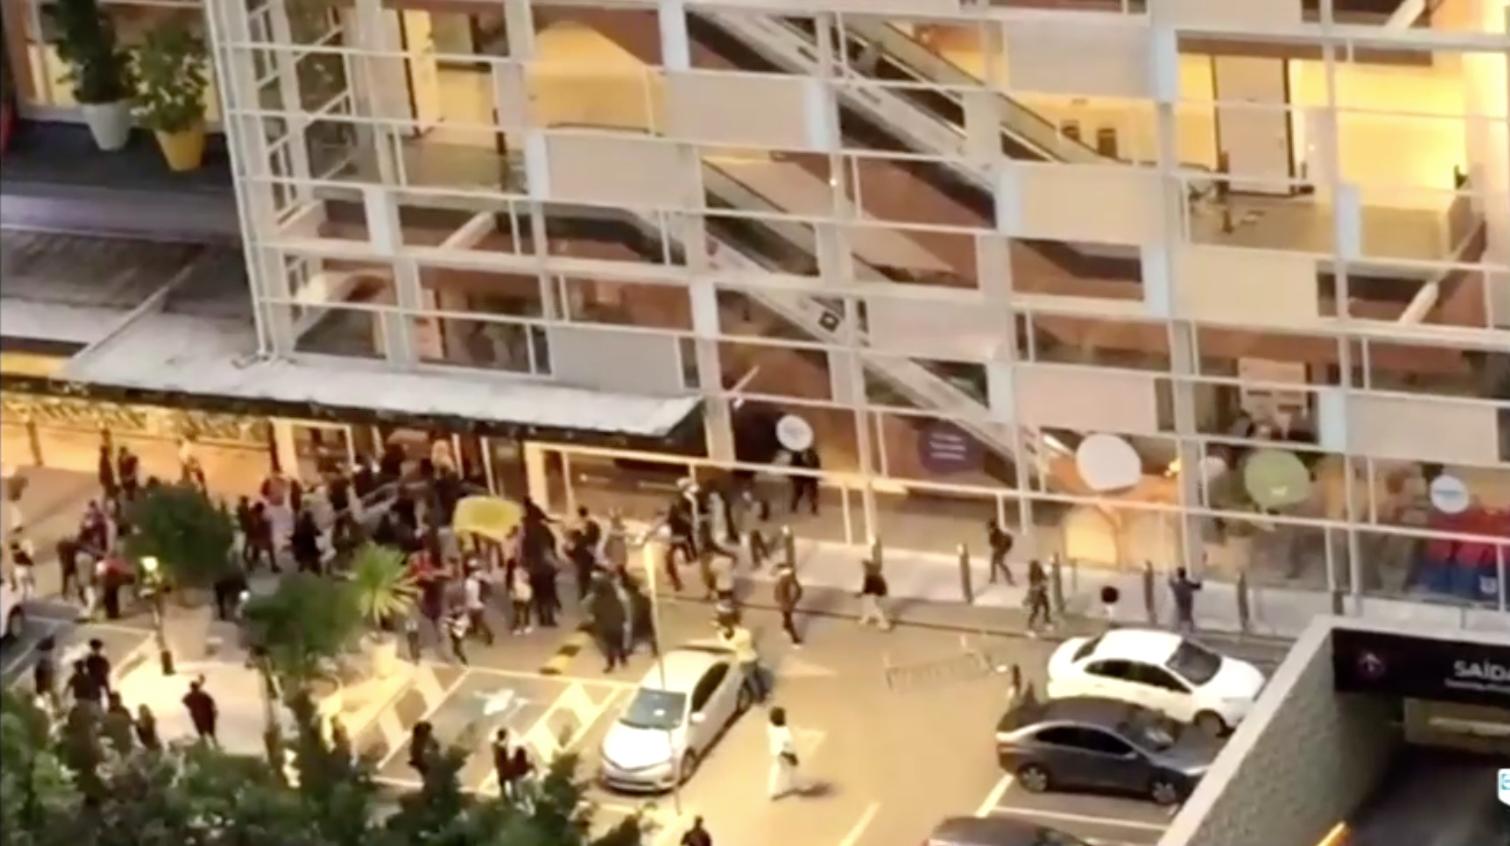 Bạo lực bùng phát ở Brazil sau khi người đàn ông da đen bị đánh chết tại cửa hàng Carrefour